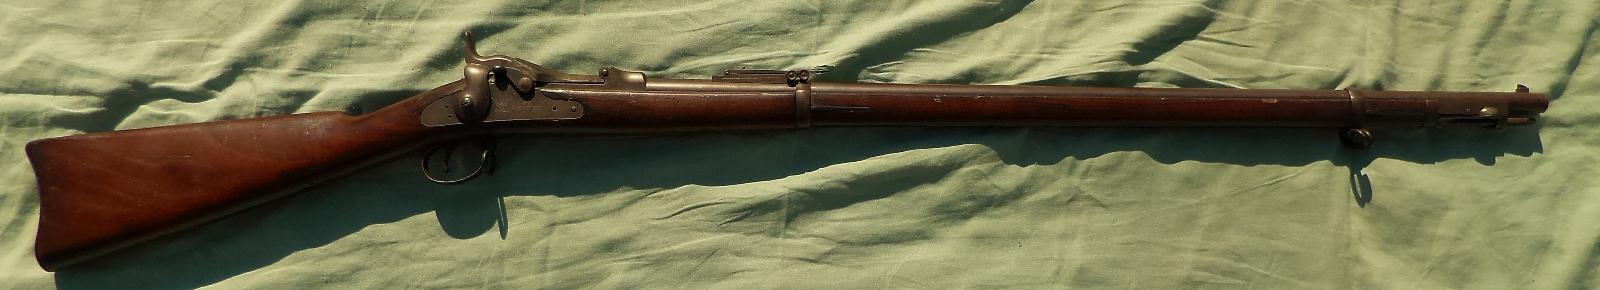 Americká pěchotní puška Springfield Trapdoor M1888 v pěkném stavu